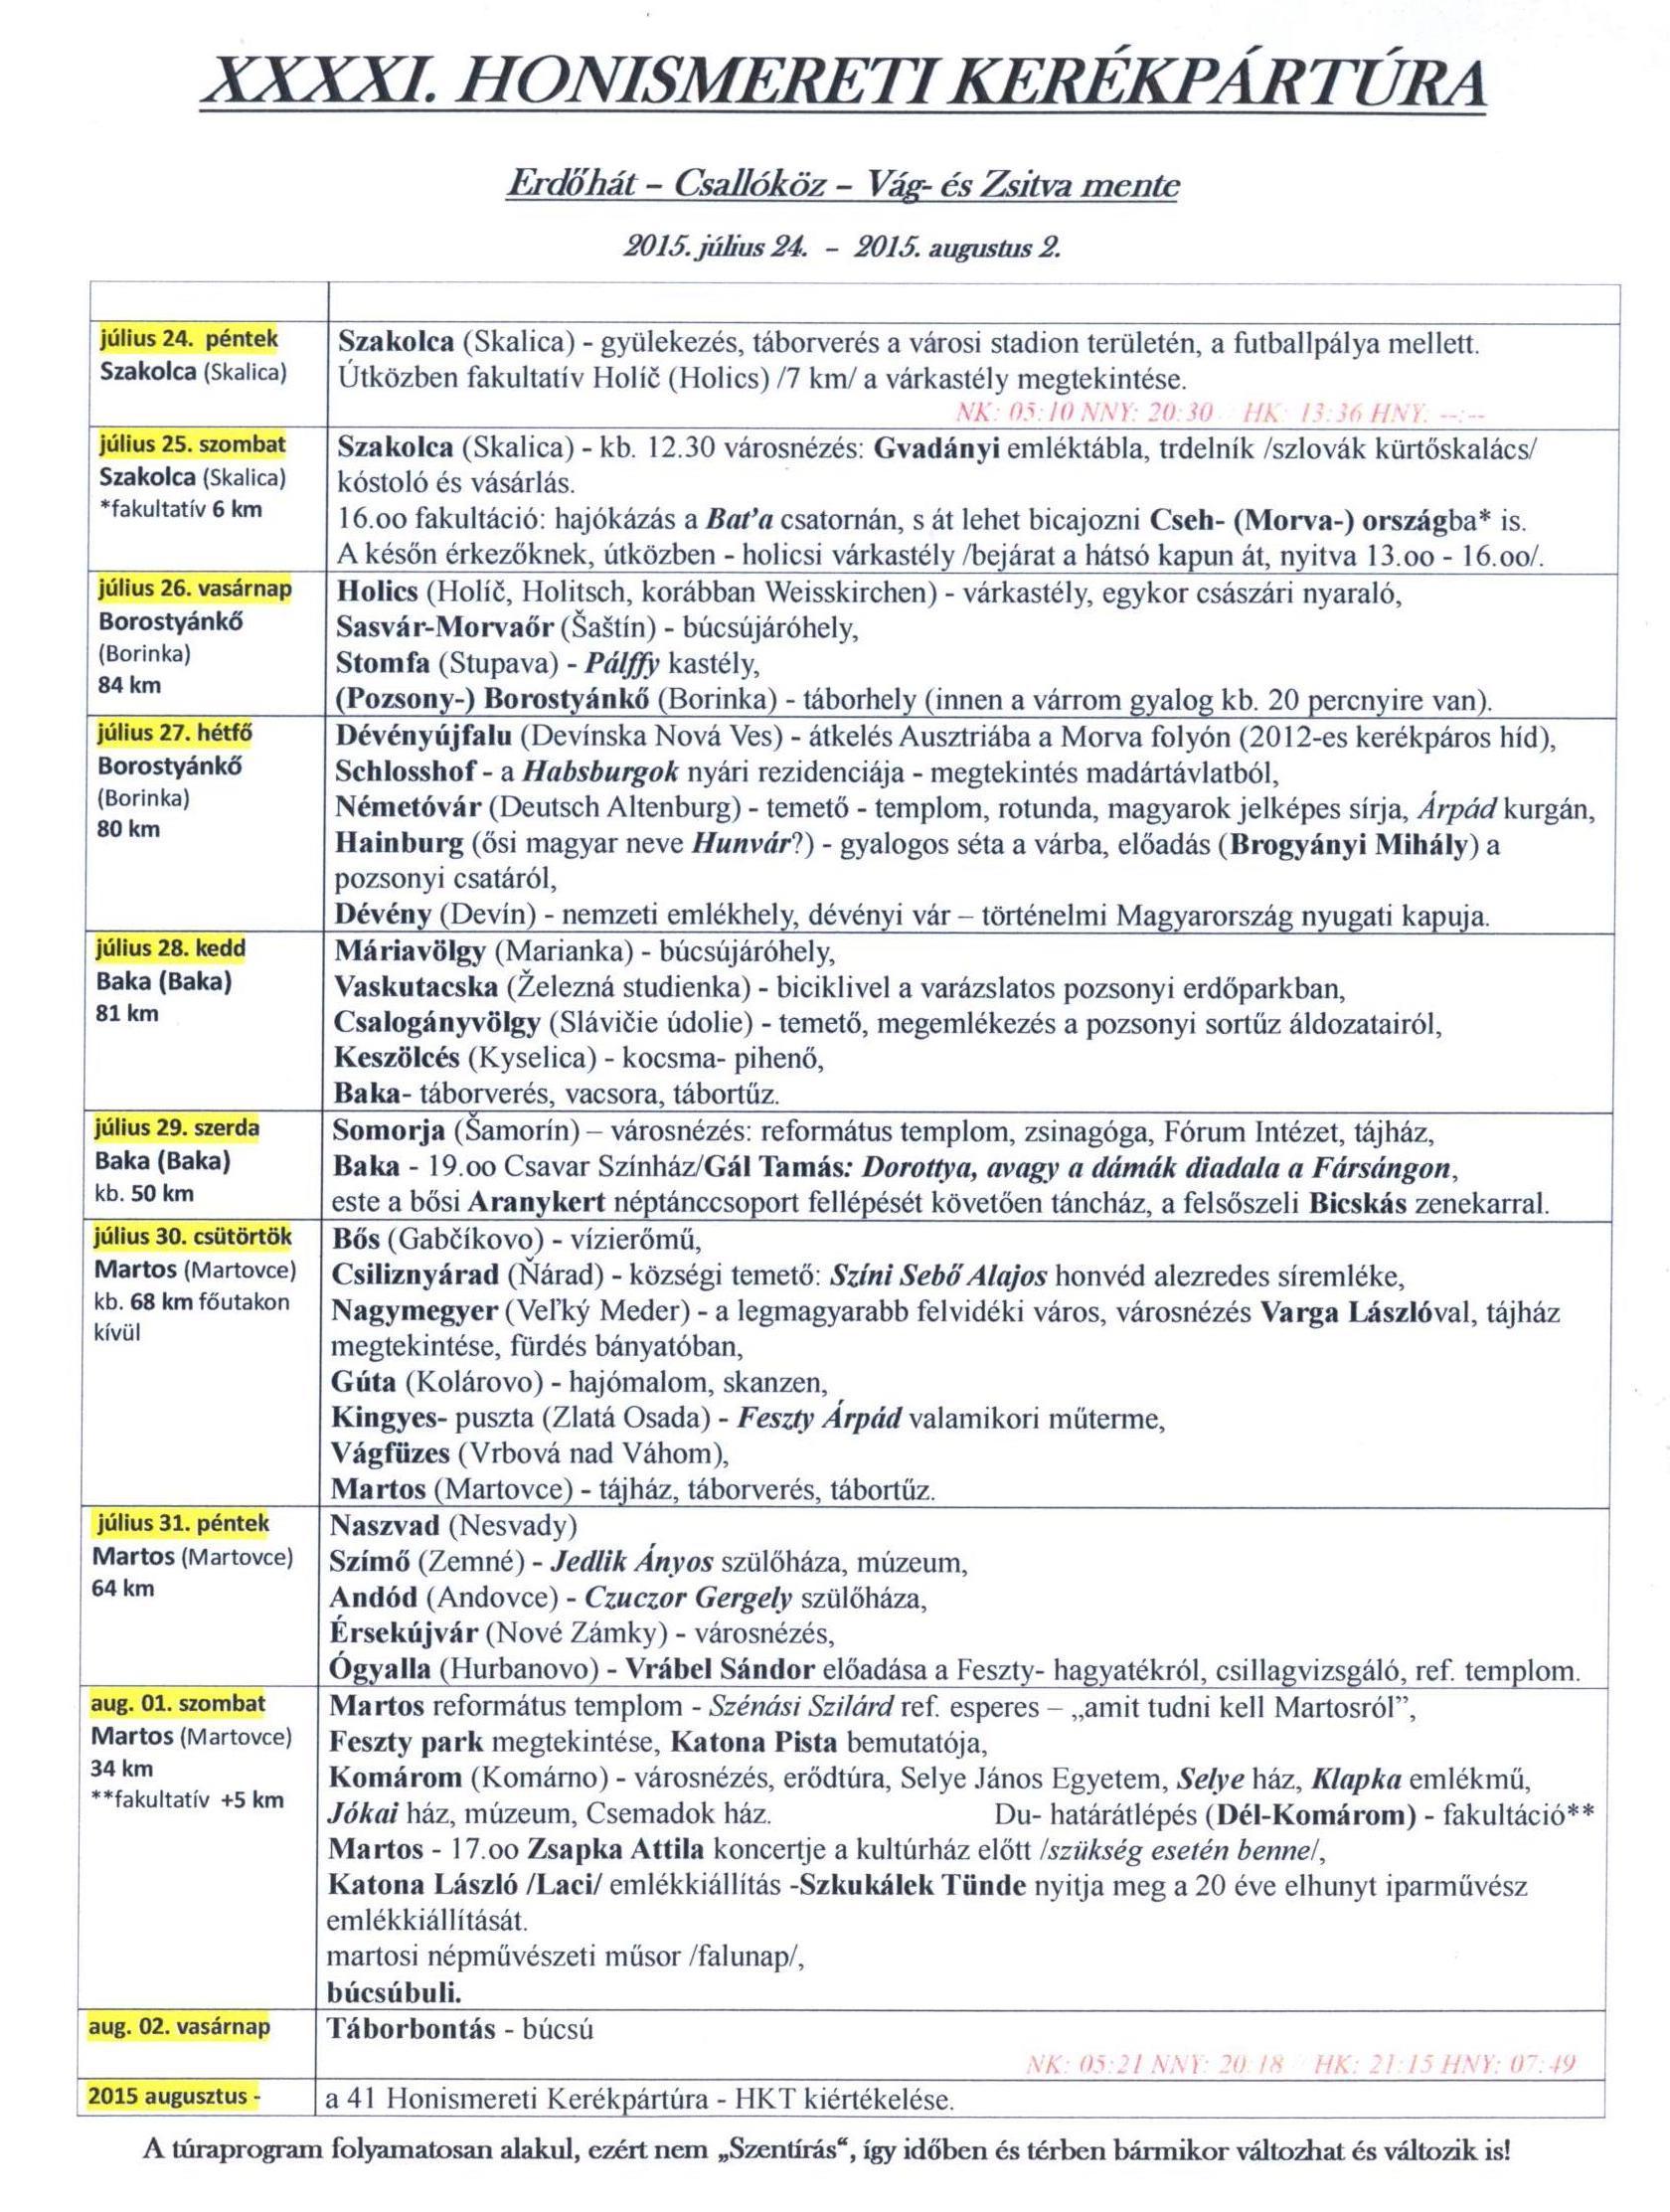 hkt-2015-program-2